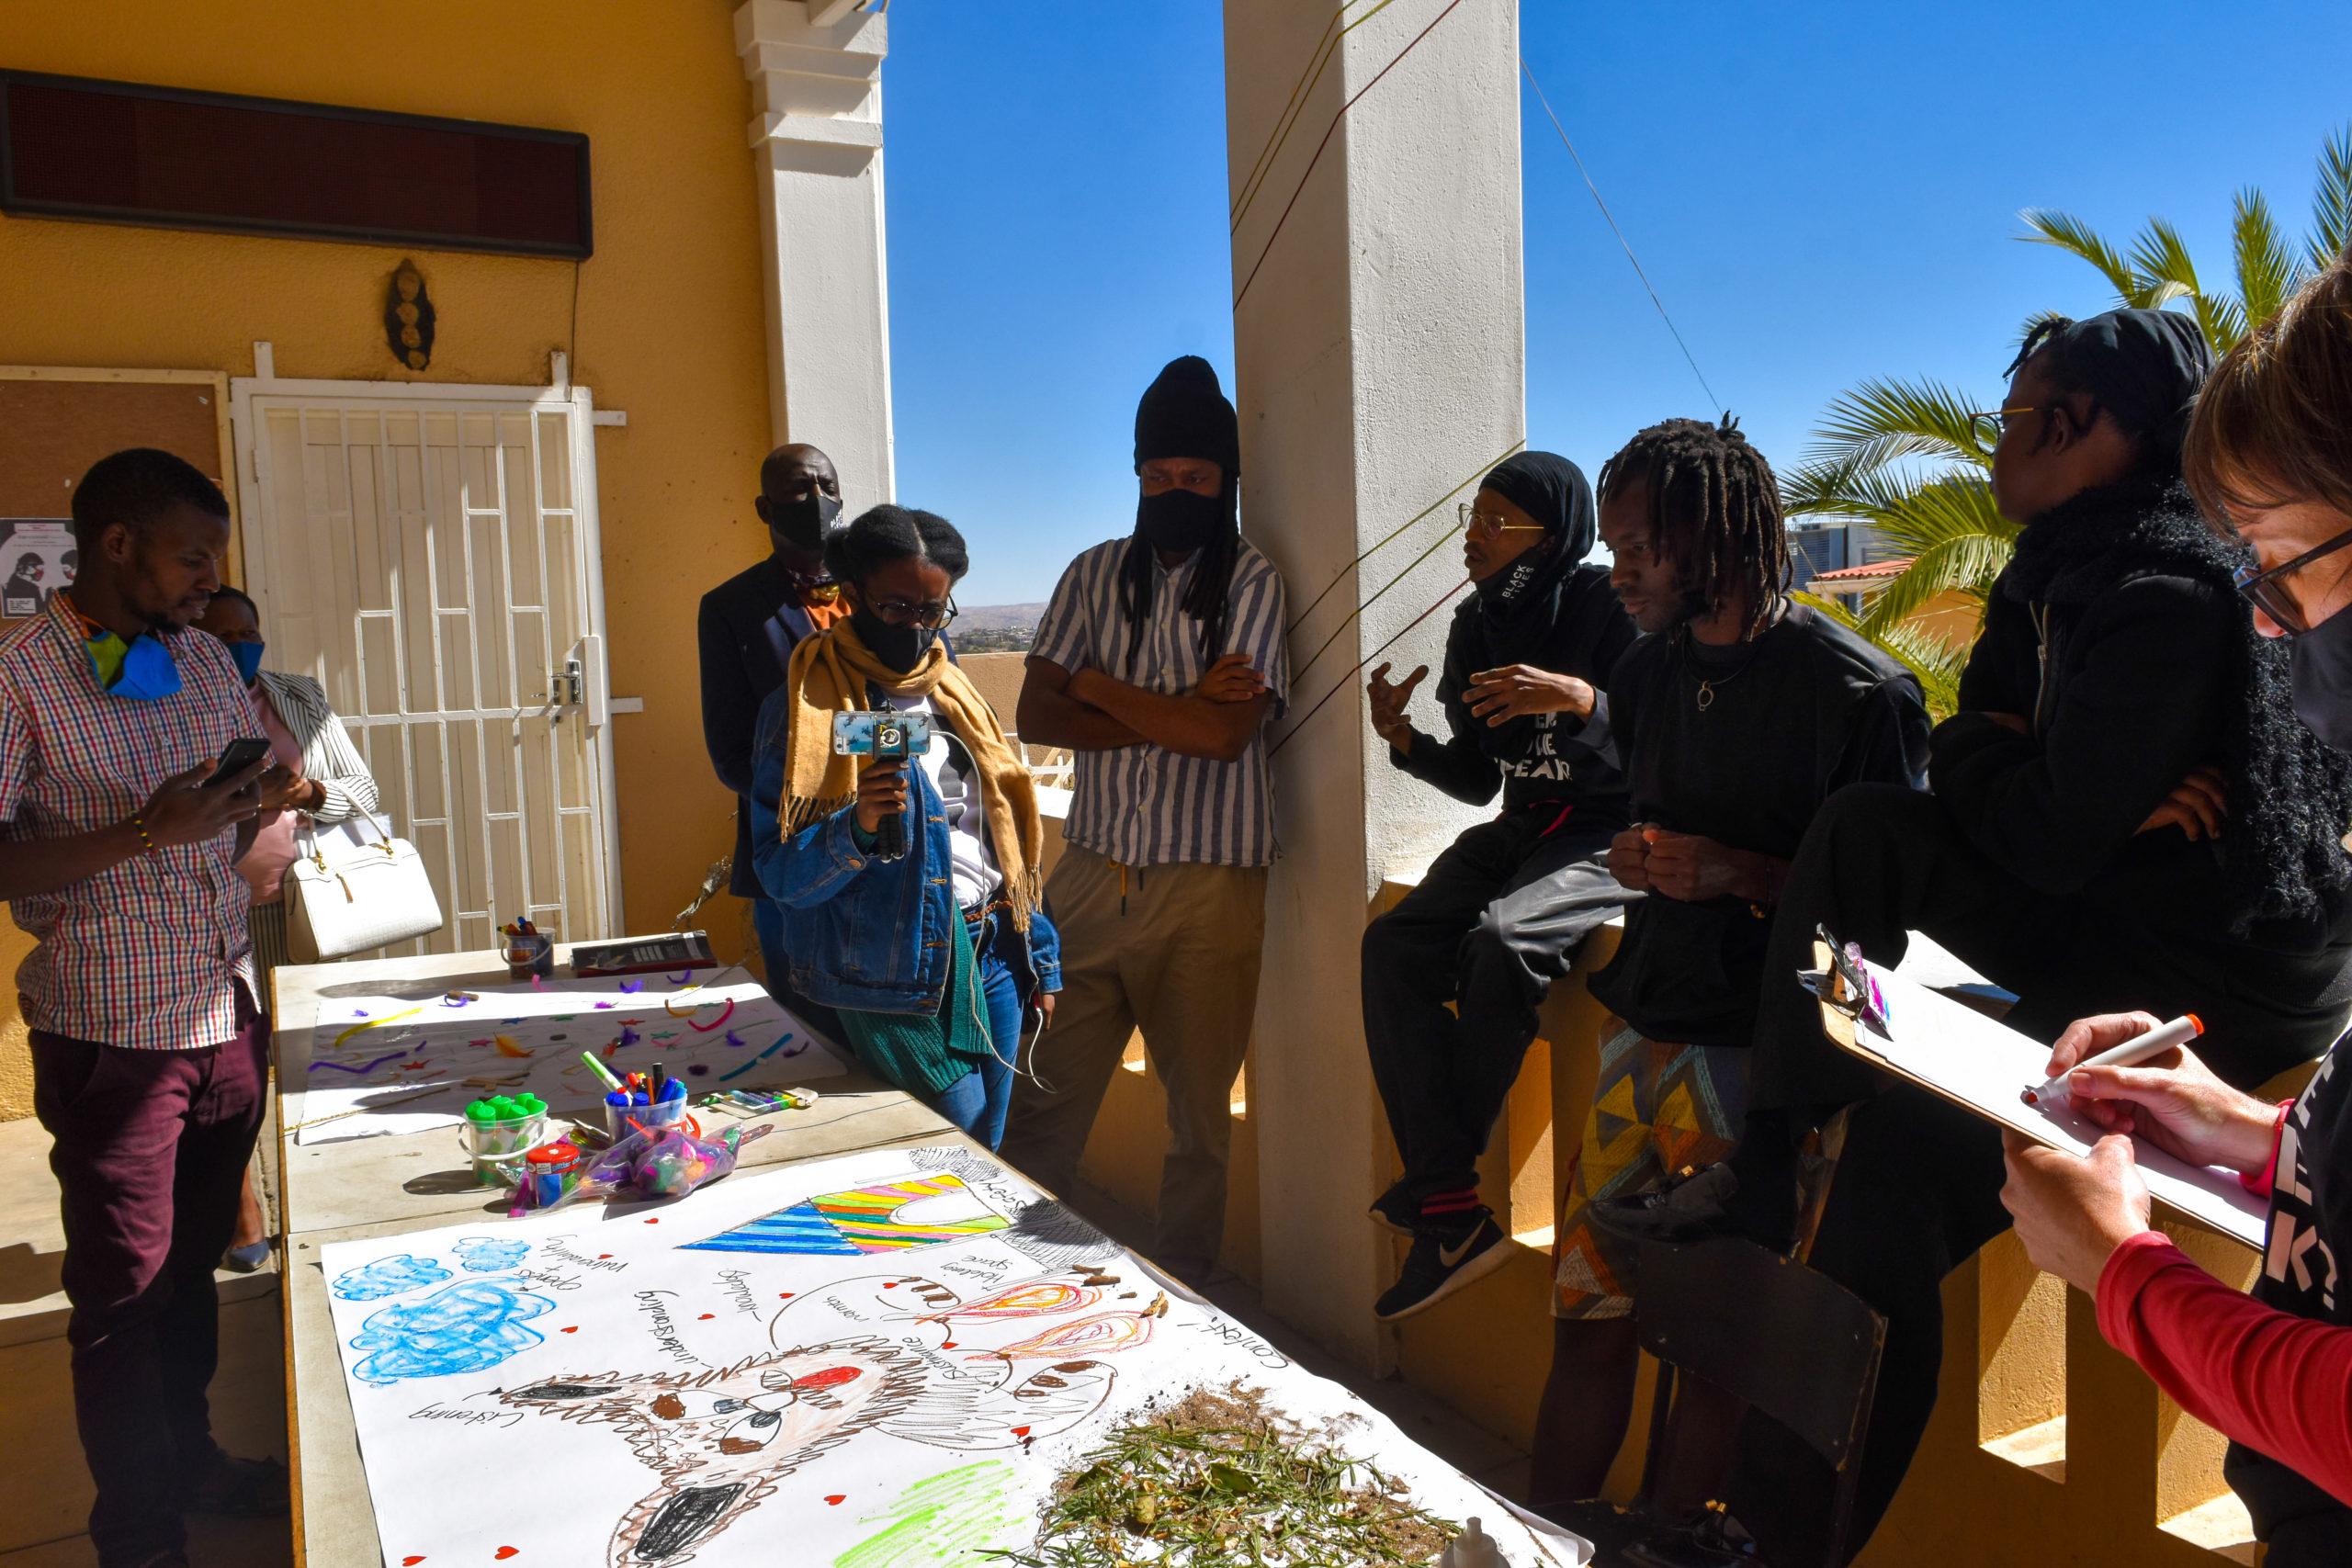 Diskussionsrunde im Projekt 'Ovizire • Somgu: From Where do We Speak', Namibia 2020